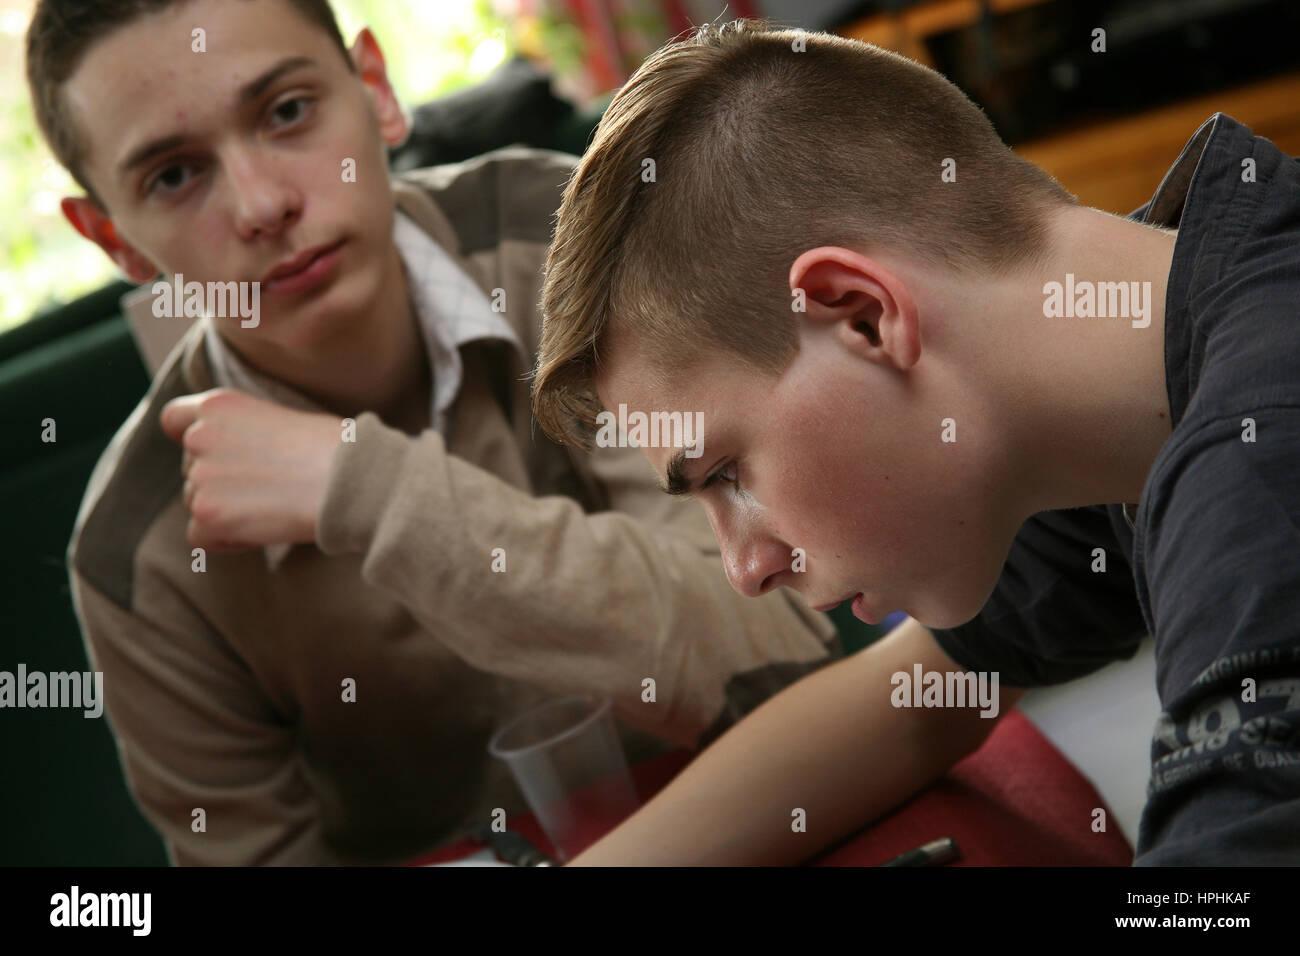 Two teenage boys - Stock Image